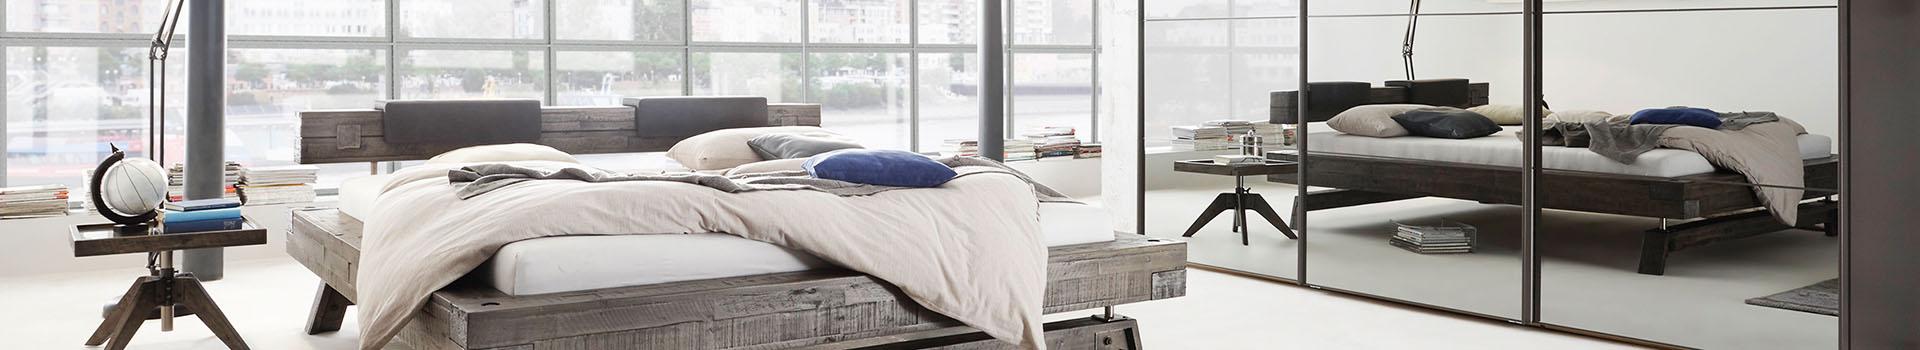 Schlafzimmer bei Möbel Mahler Siebenlehn